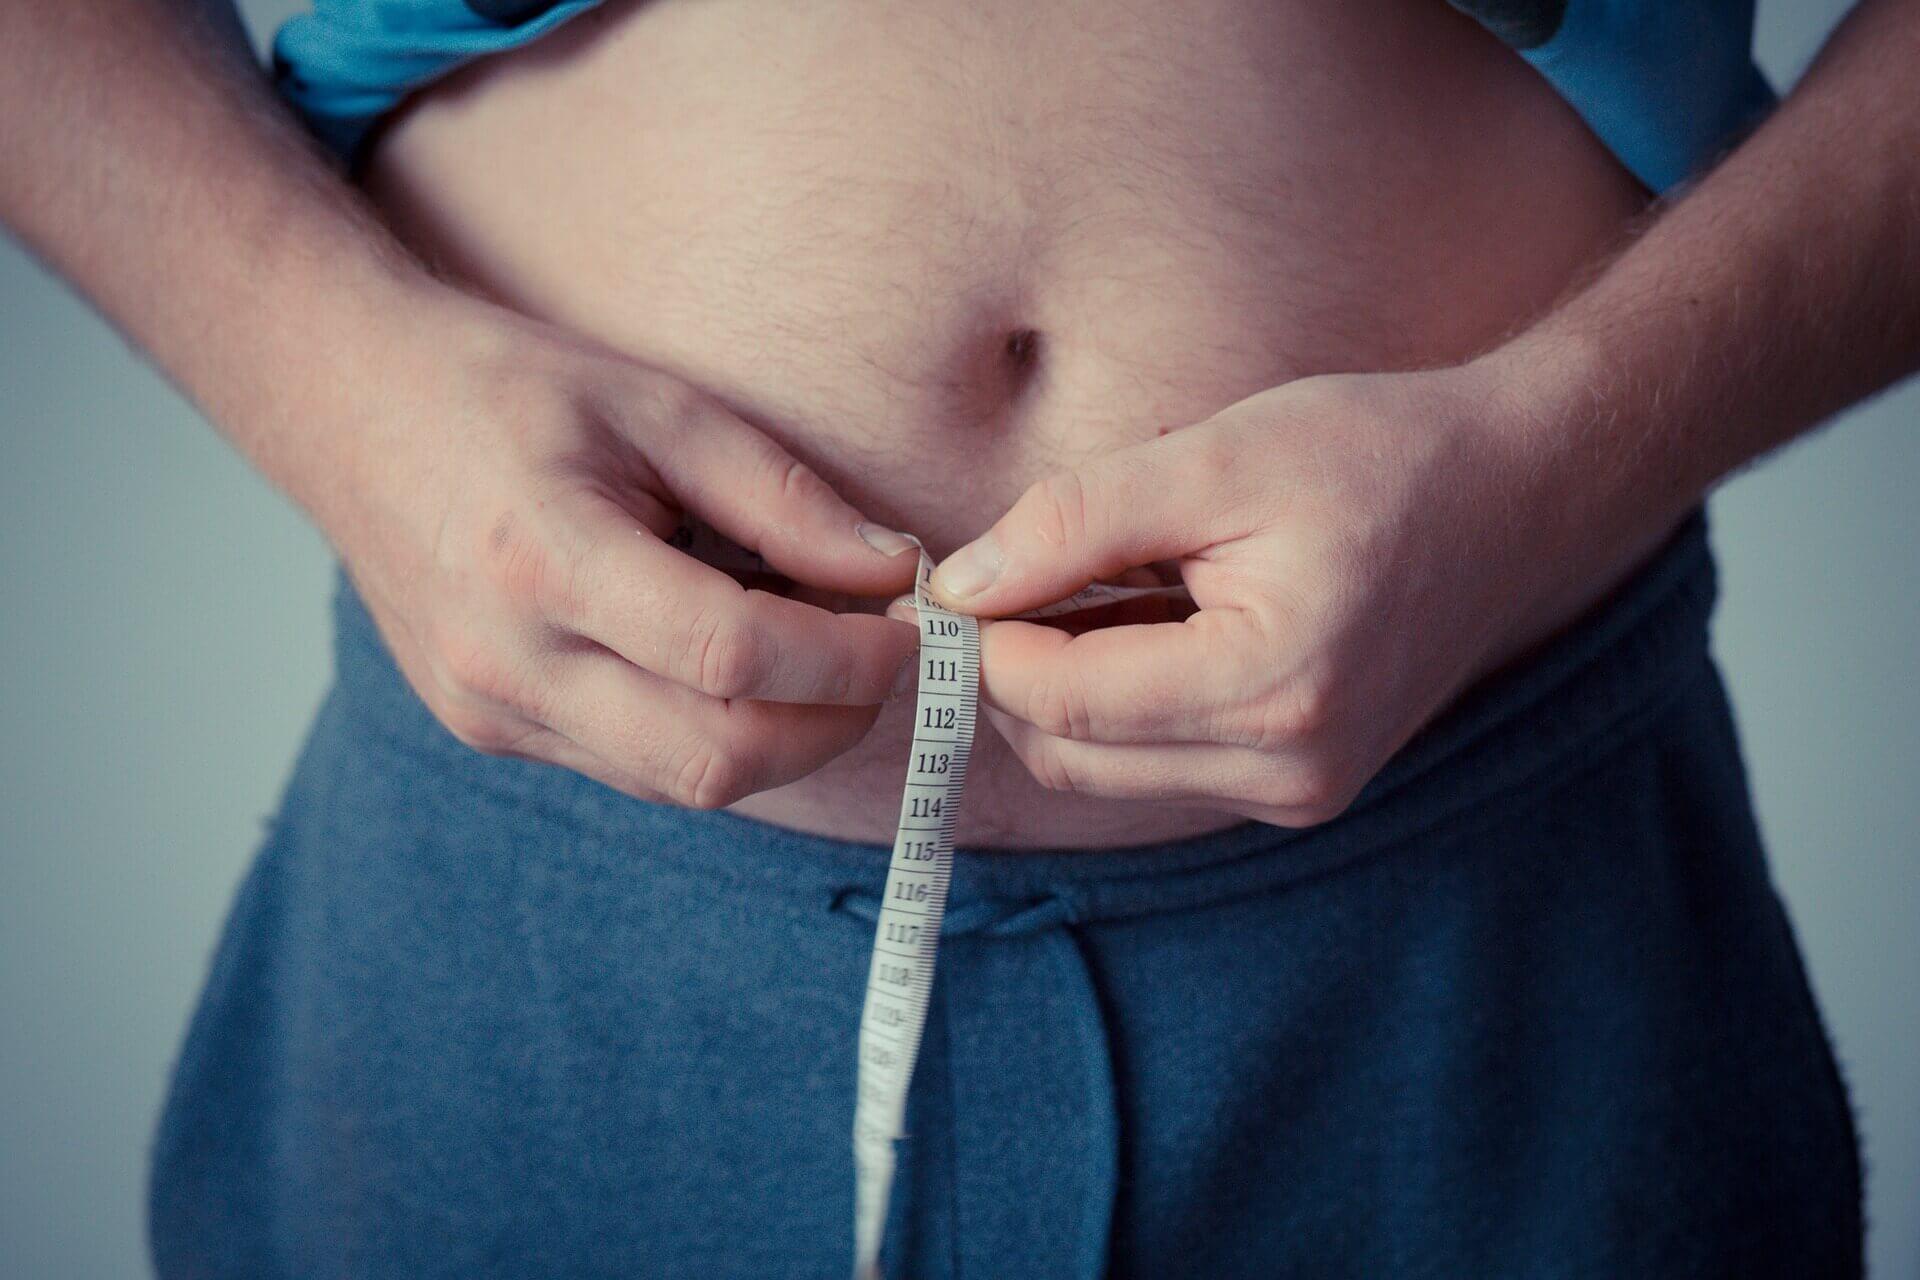 ENSIN 2015: Siguen aumentando las cifras de exceso de peso en el país